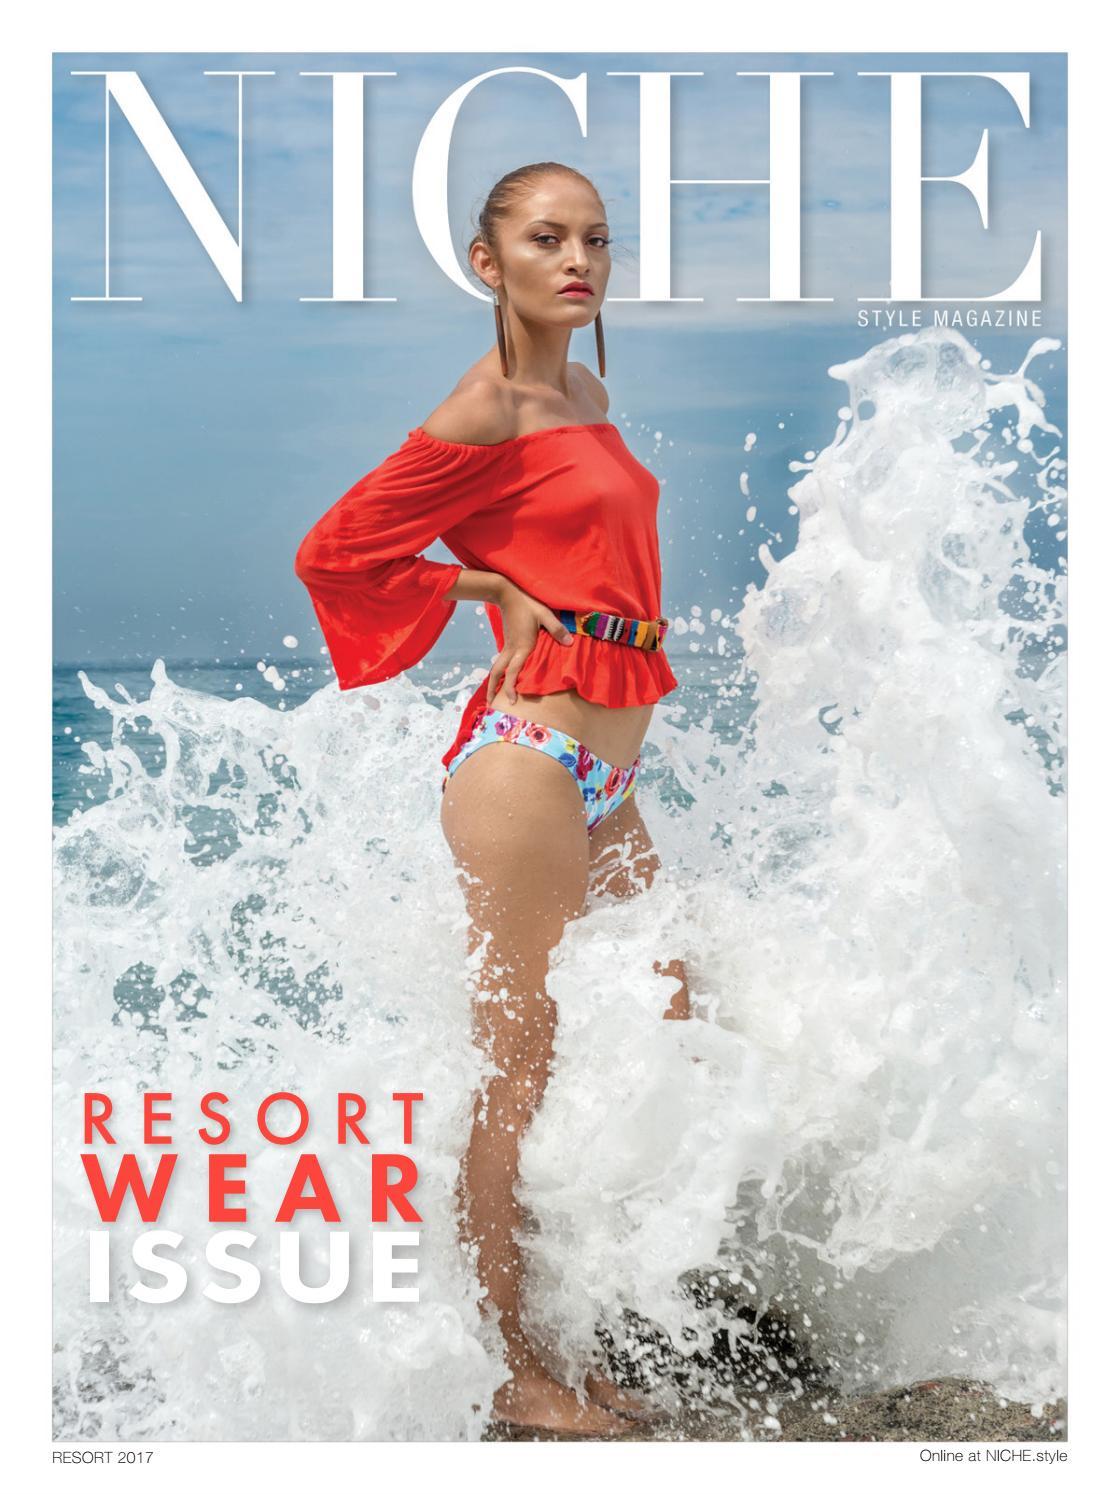 8070b39b4dc Niche Fashion Resort Wear 2017 by NICHE magazine - issuu